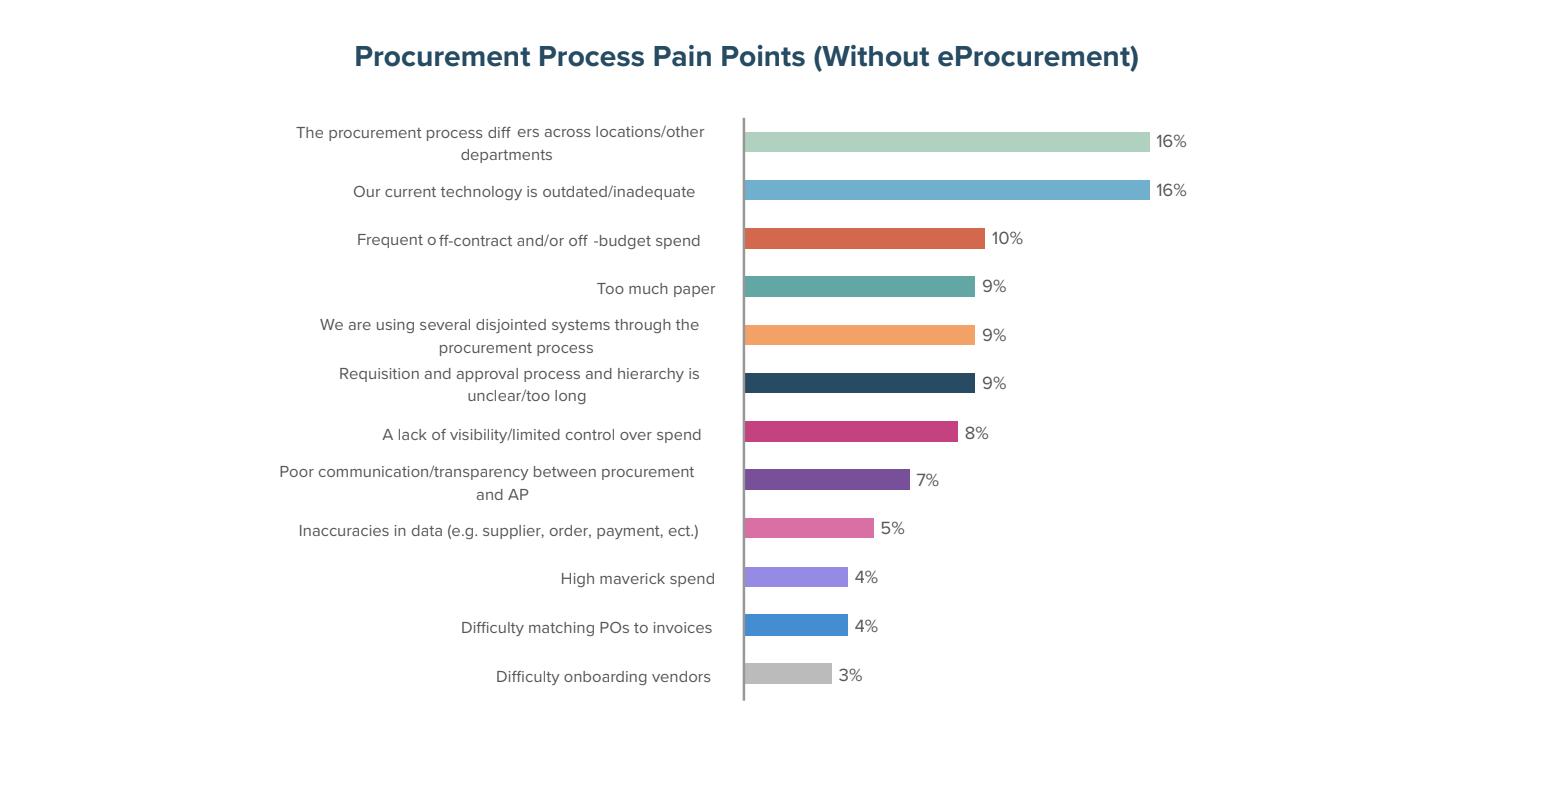 Procurement Process Pain Points